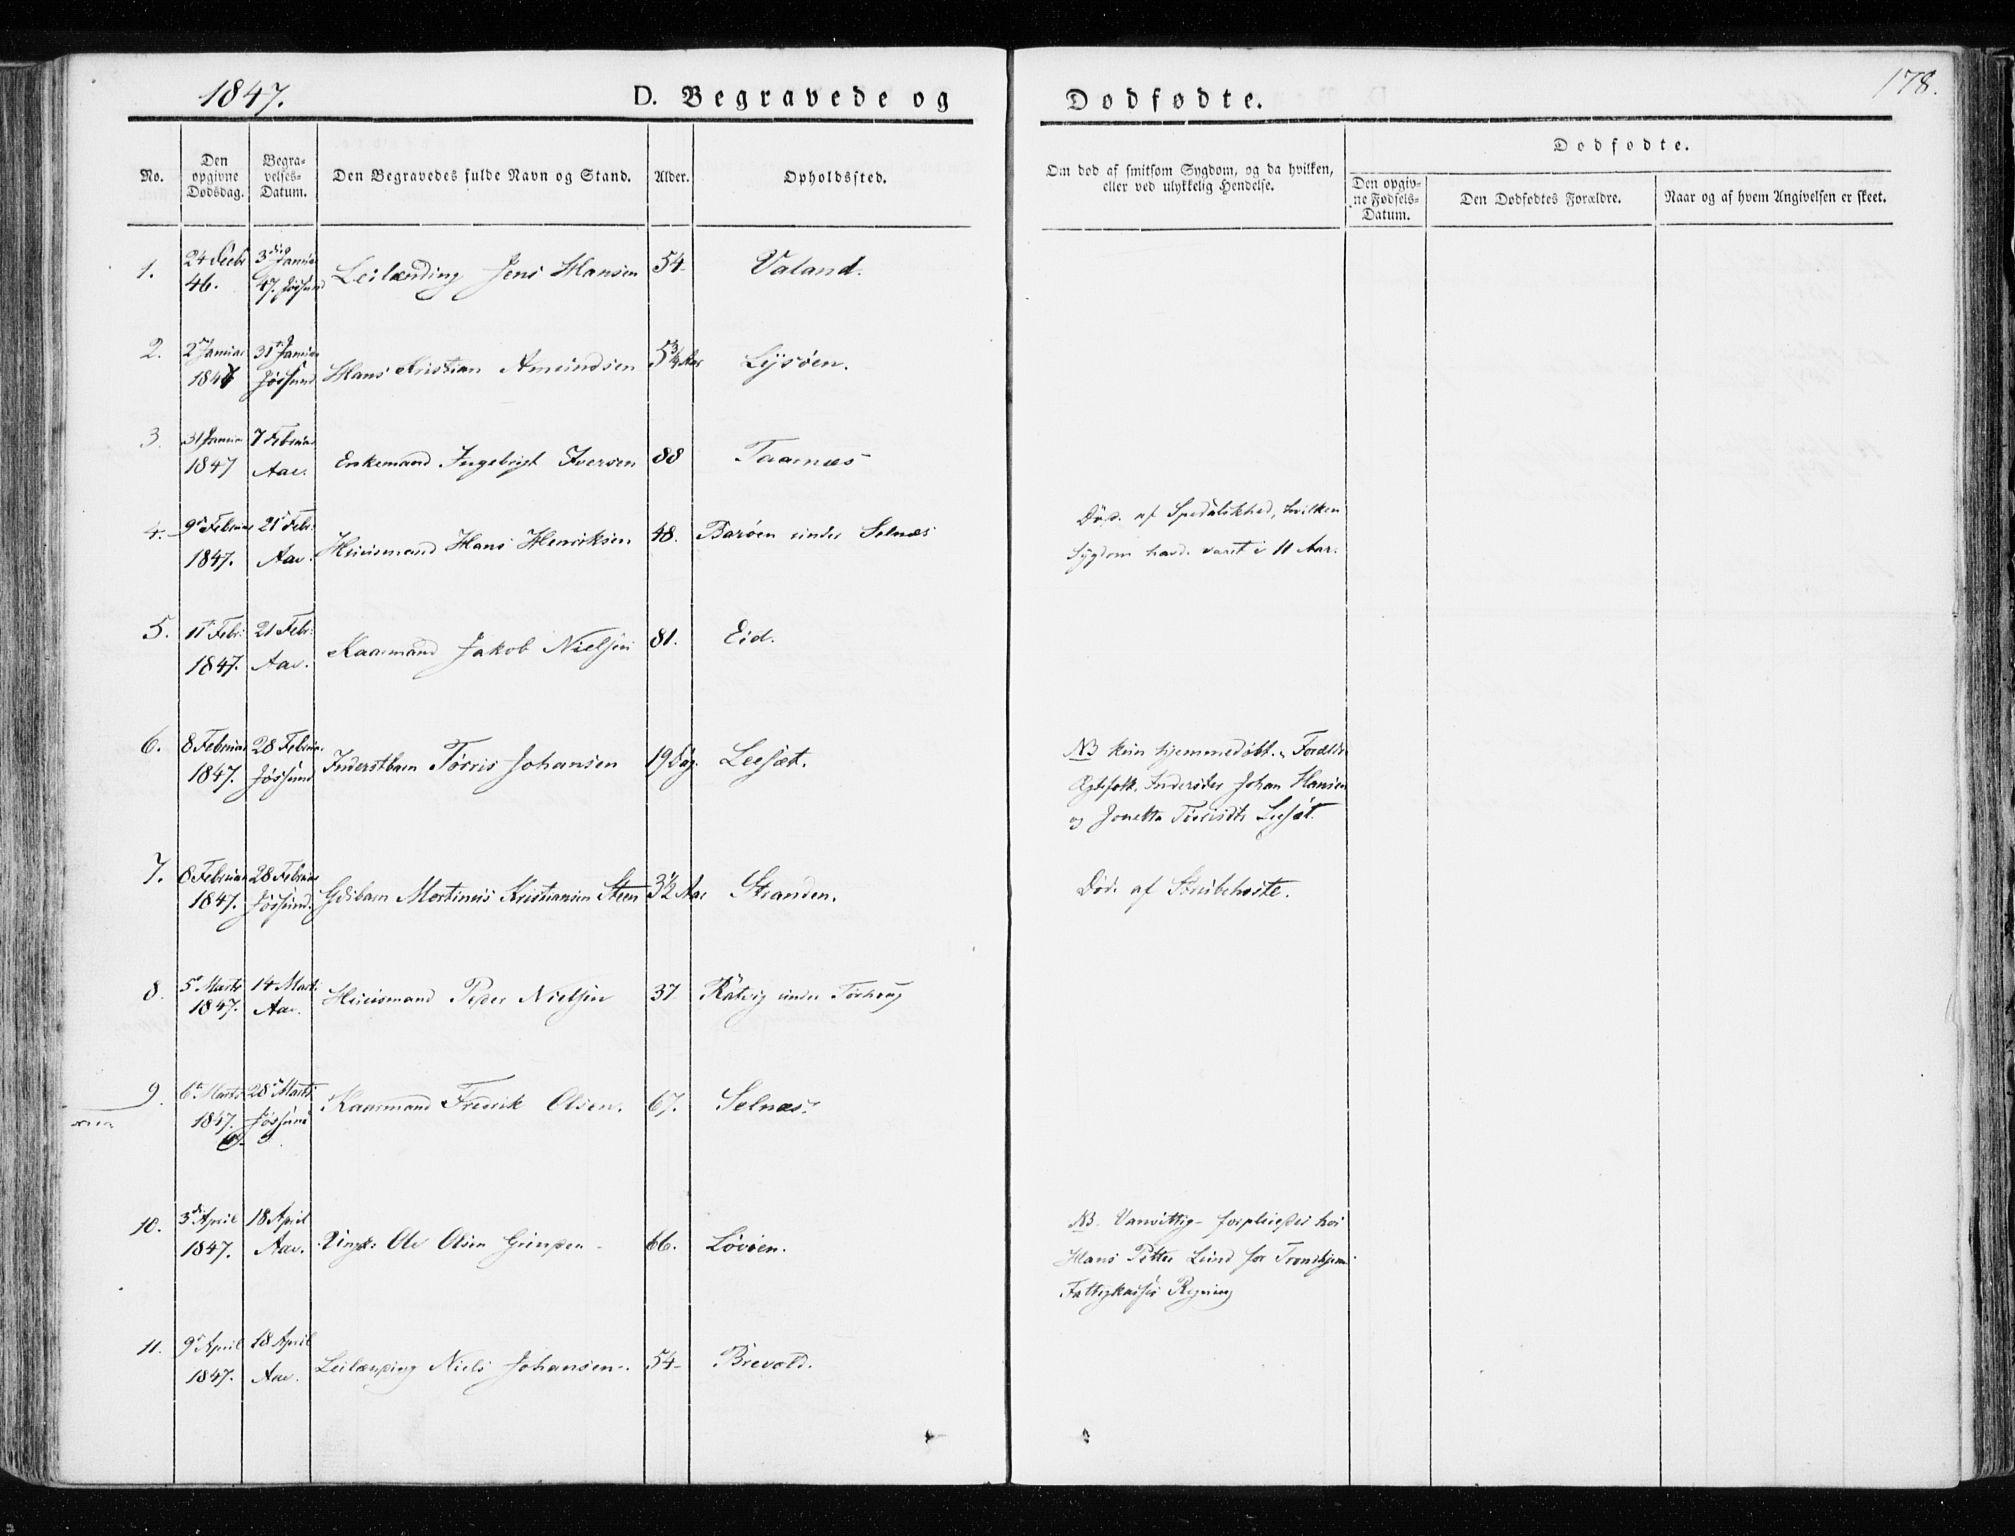 SAT, Ministerialprotokoller, klokkerbøker og fødselsregistre - Sør-Trøndelag, 655/L0676: Ministerialbok nr. 655A05, 1830-1847, s. 178